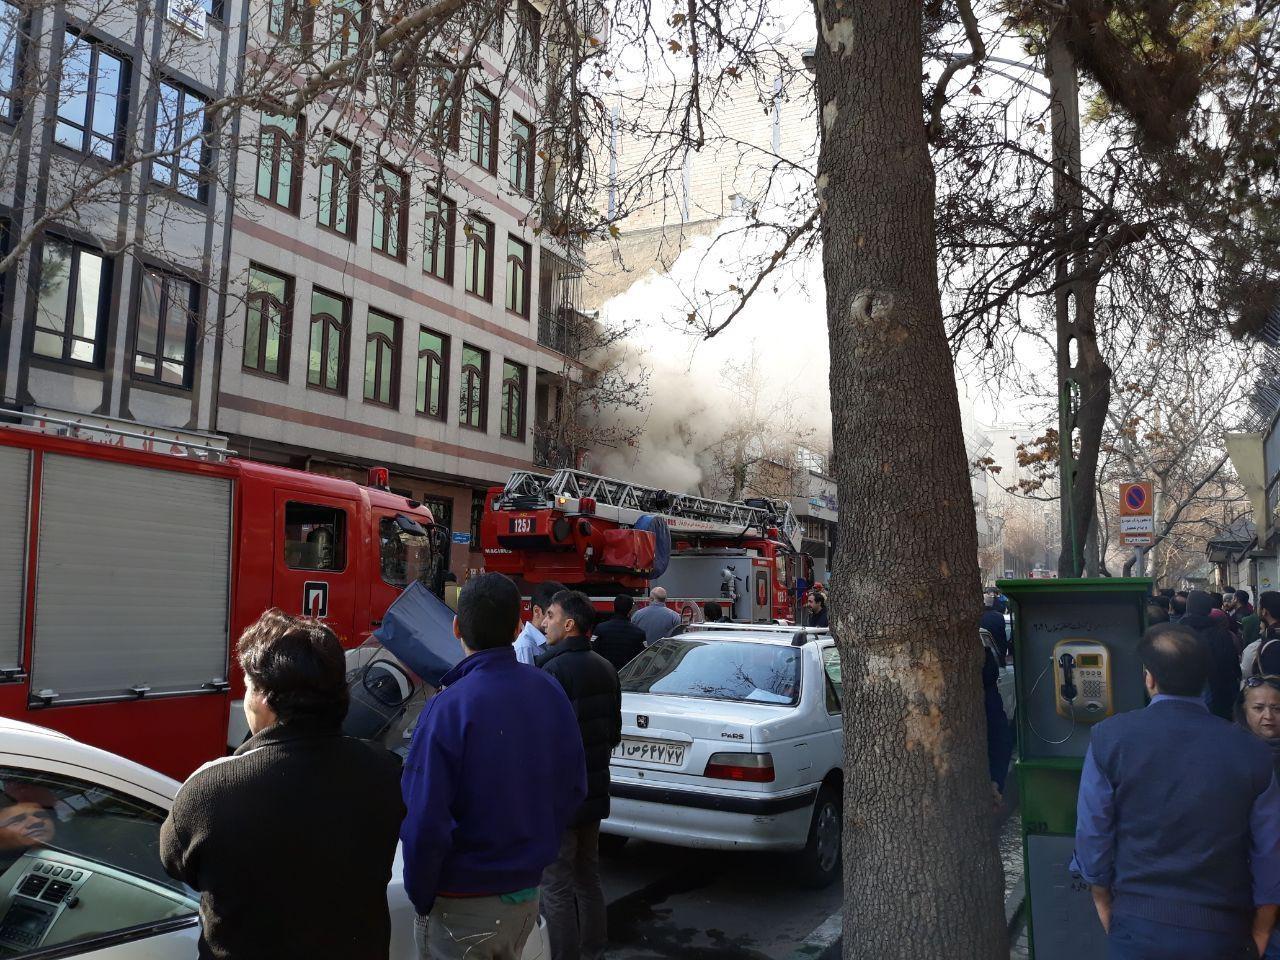 آتشسوزی در پارکینگ ساختمان تجاری در ظفر/ 3 خودرو طعمه حریق شدند (+عکس)